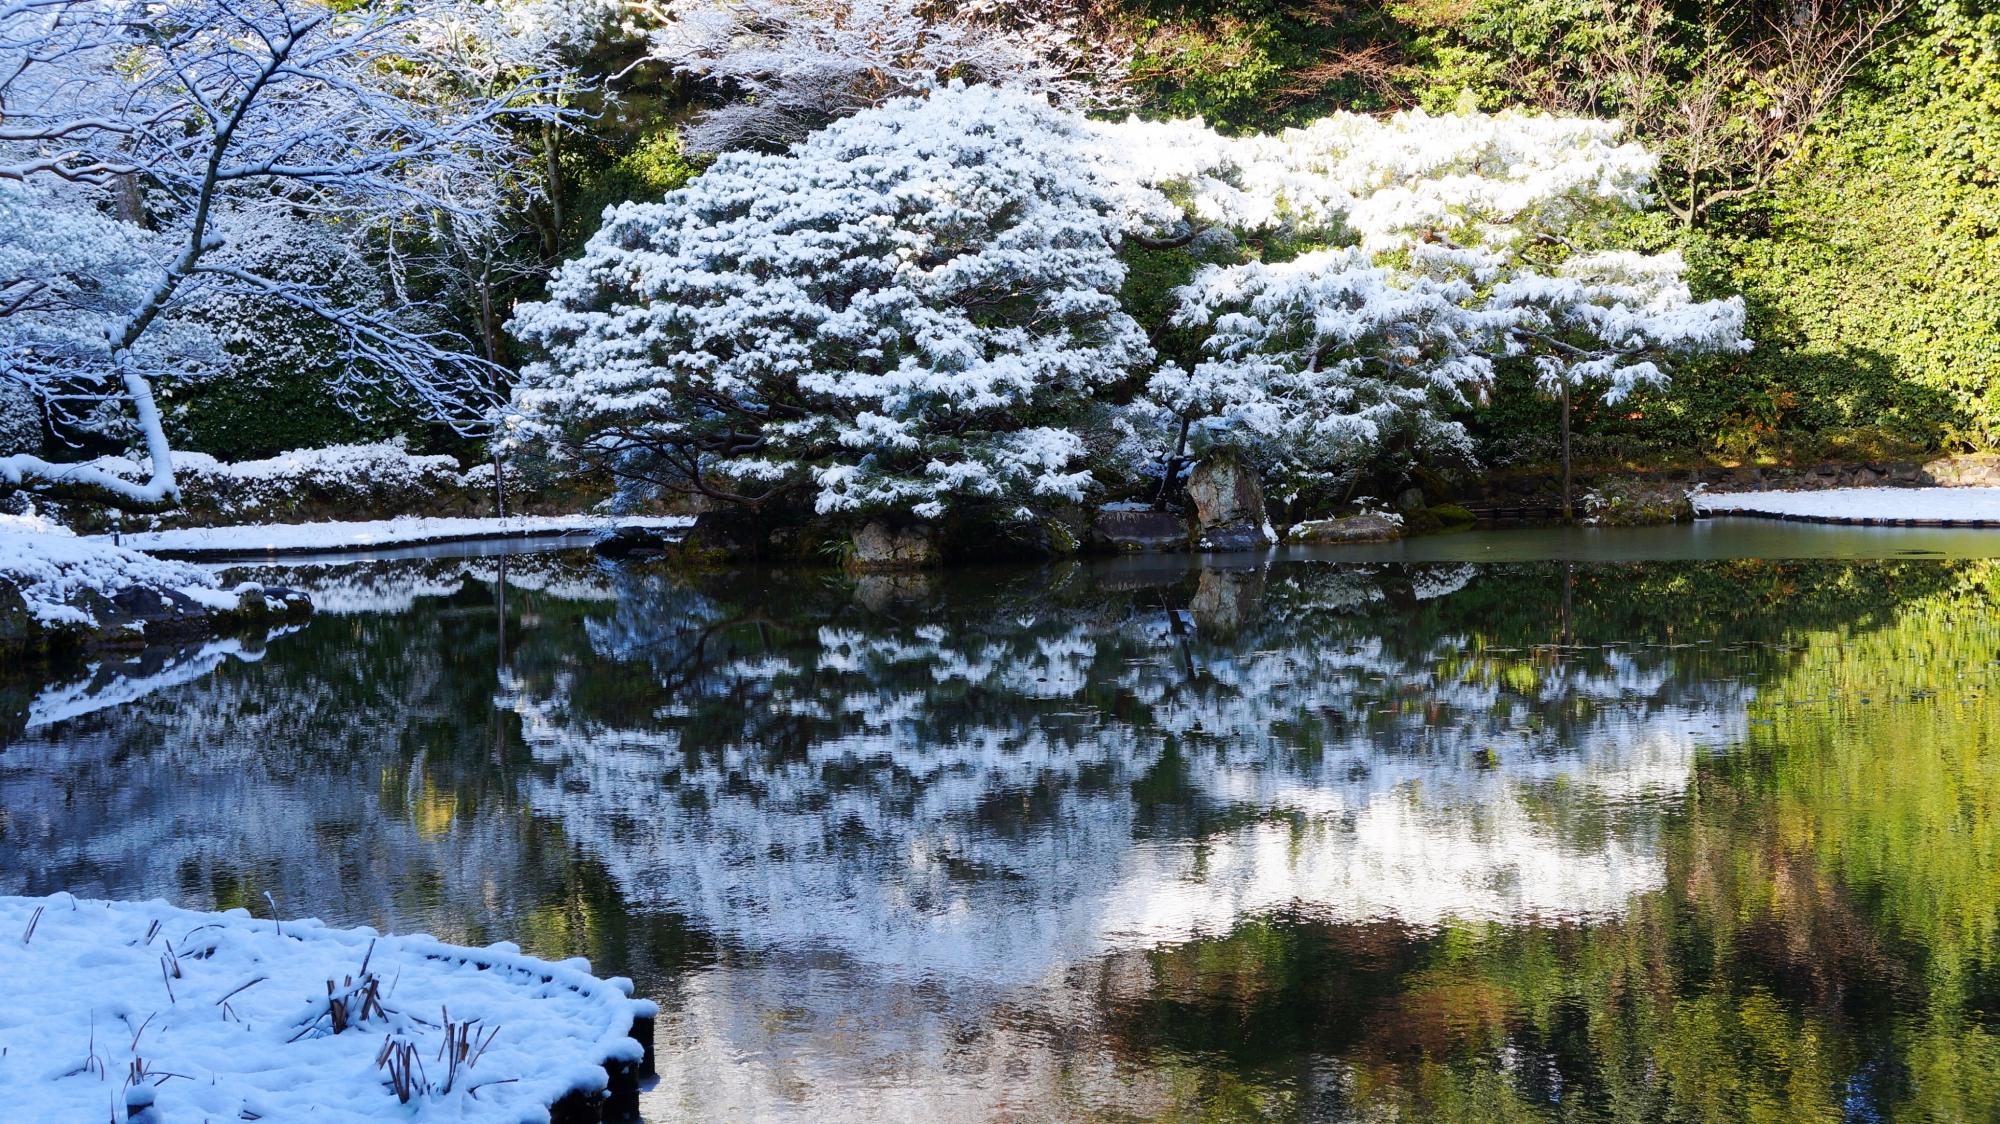 素晴らしい雪景色の水鏡